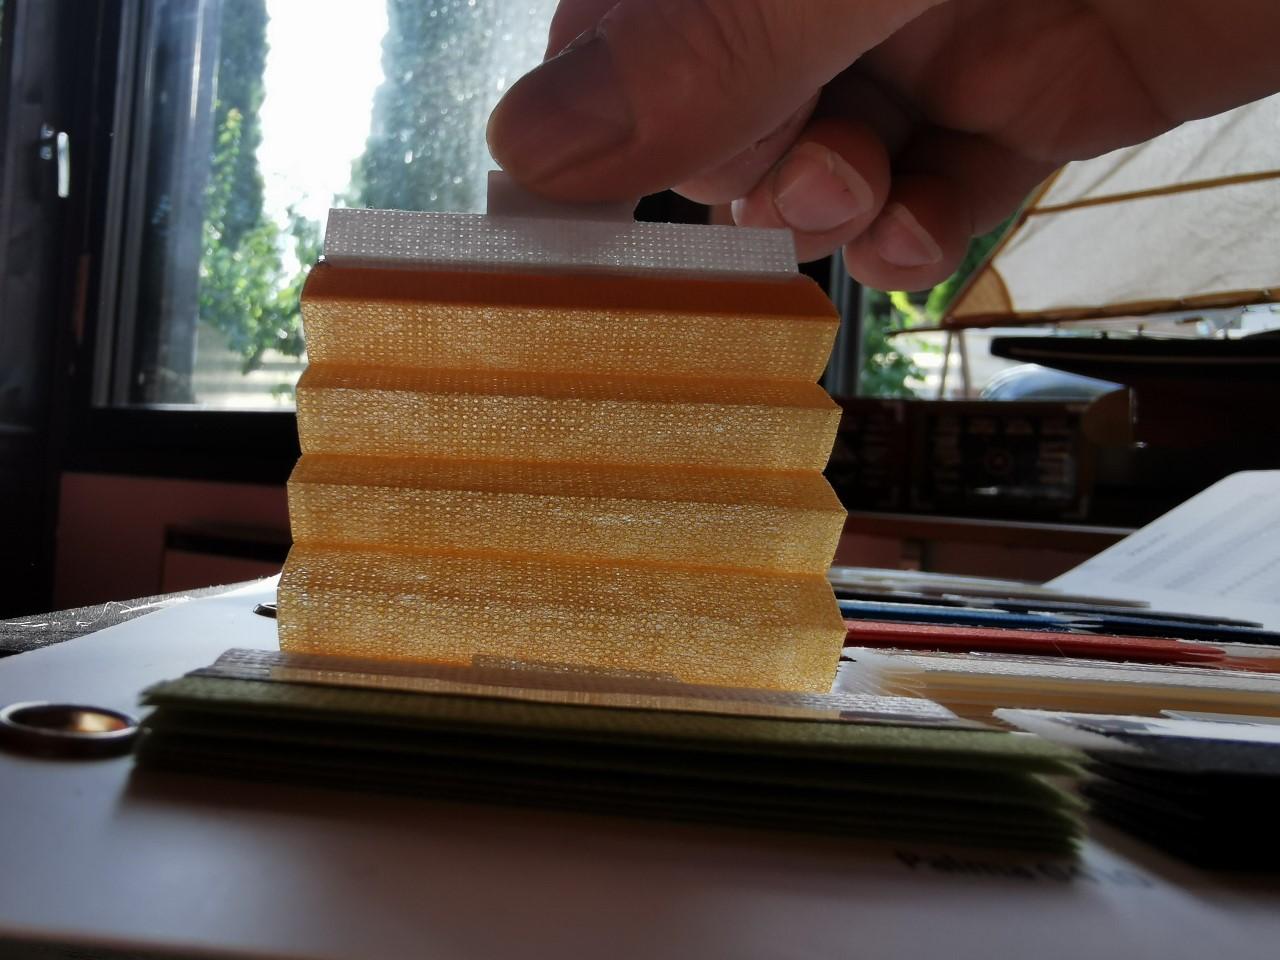 Palma peittävä kenno plisekangas